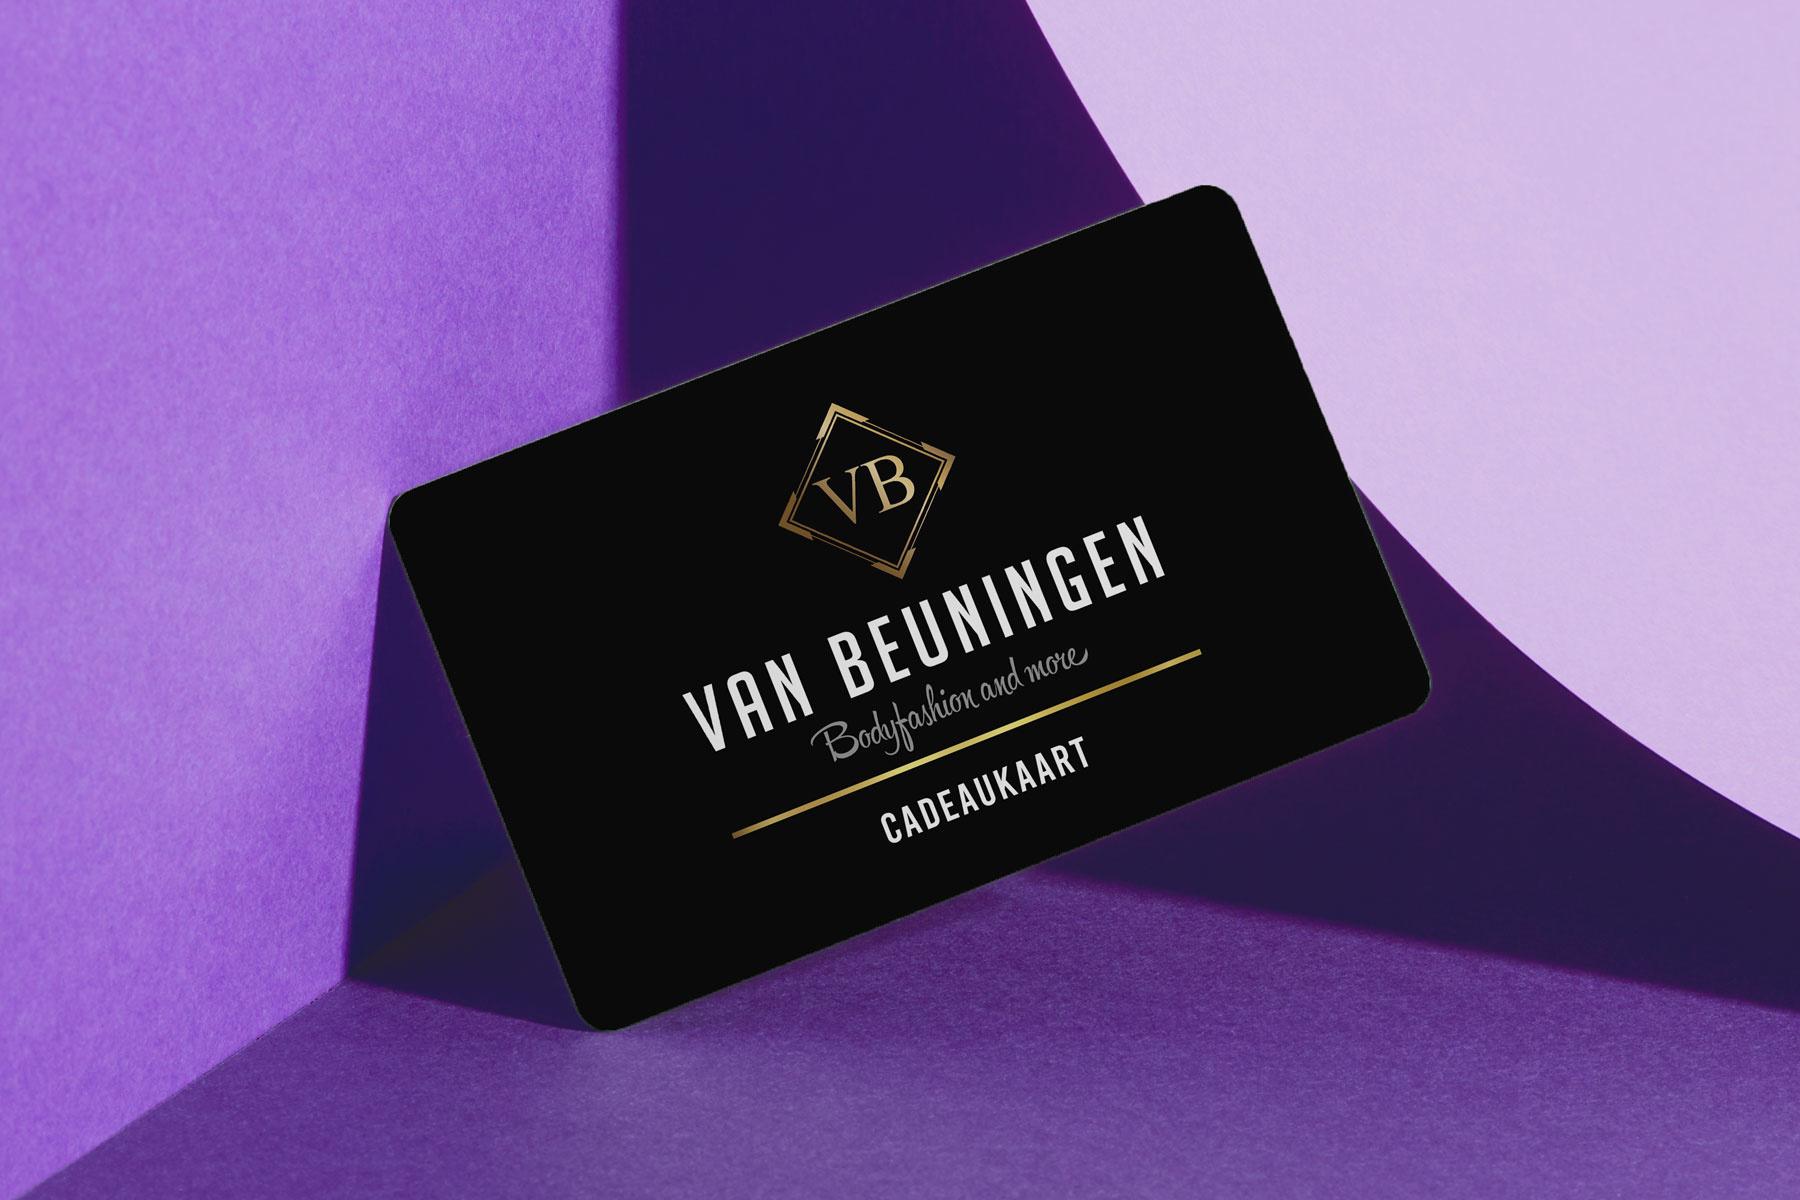 Van Beuningen Body fashion and more-2